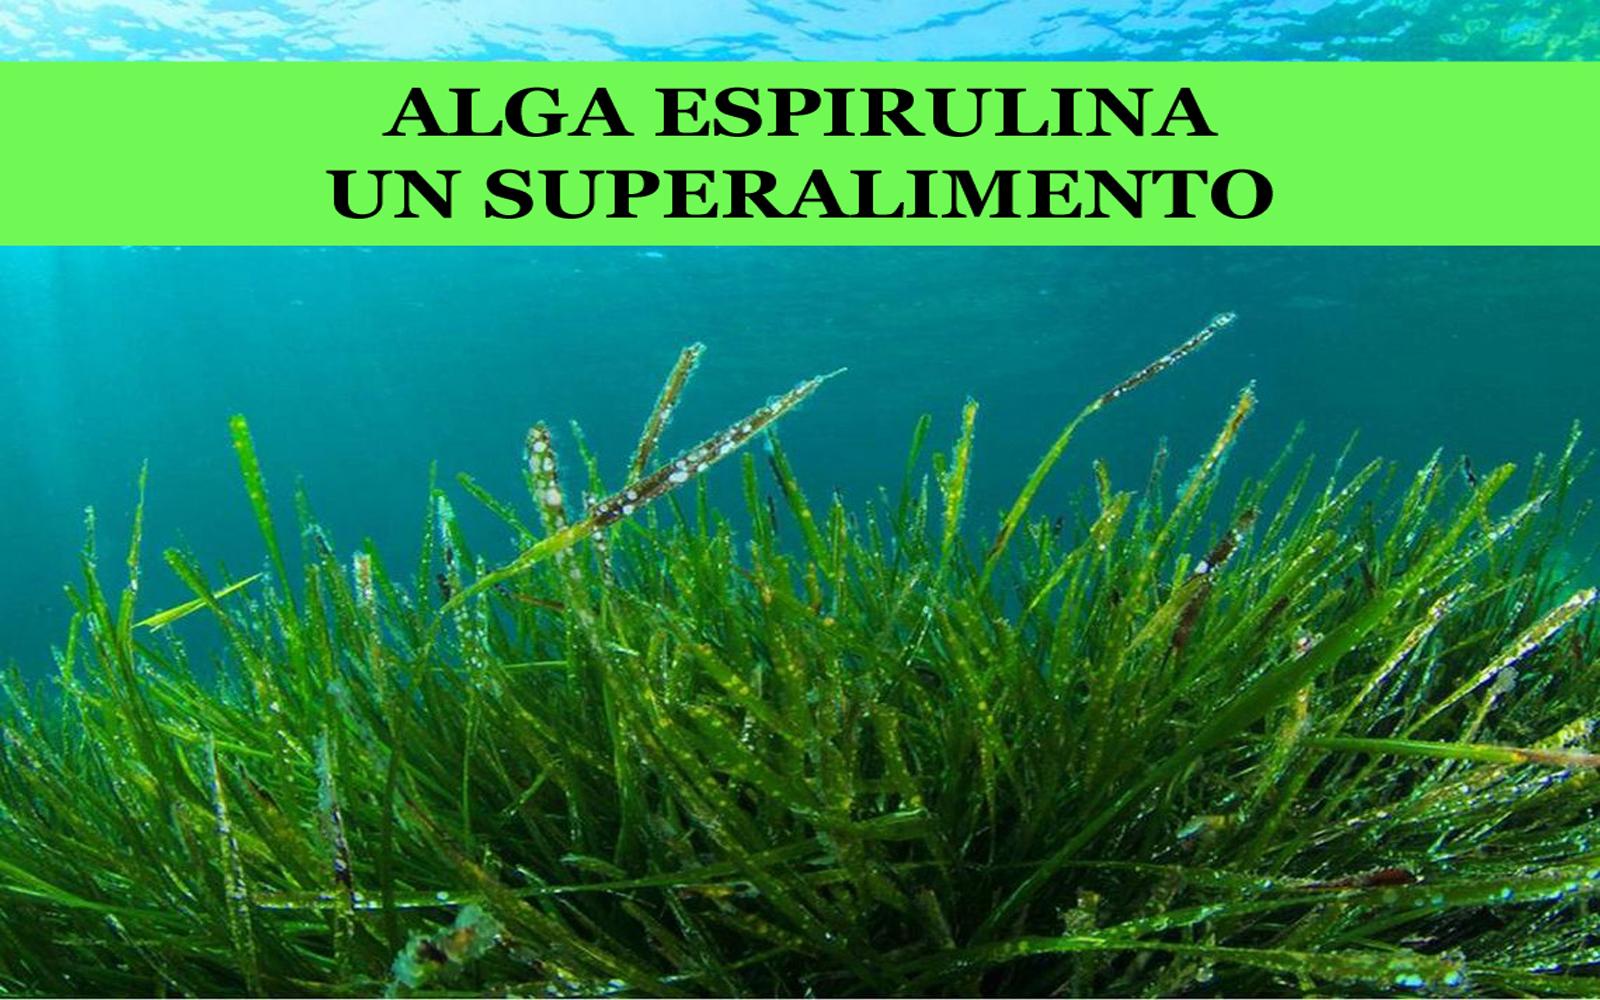 dxn espirulina